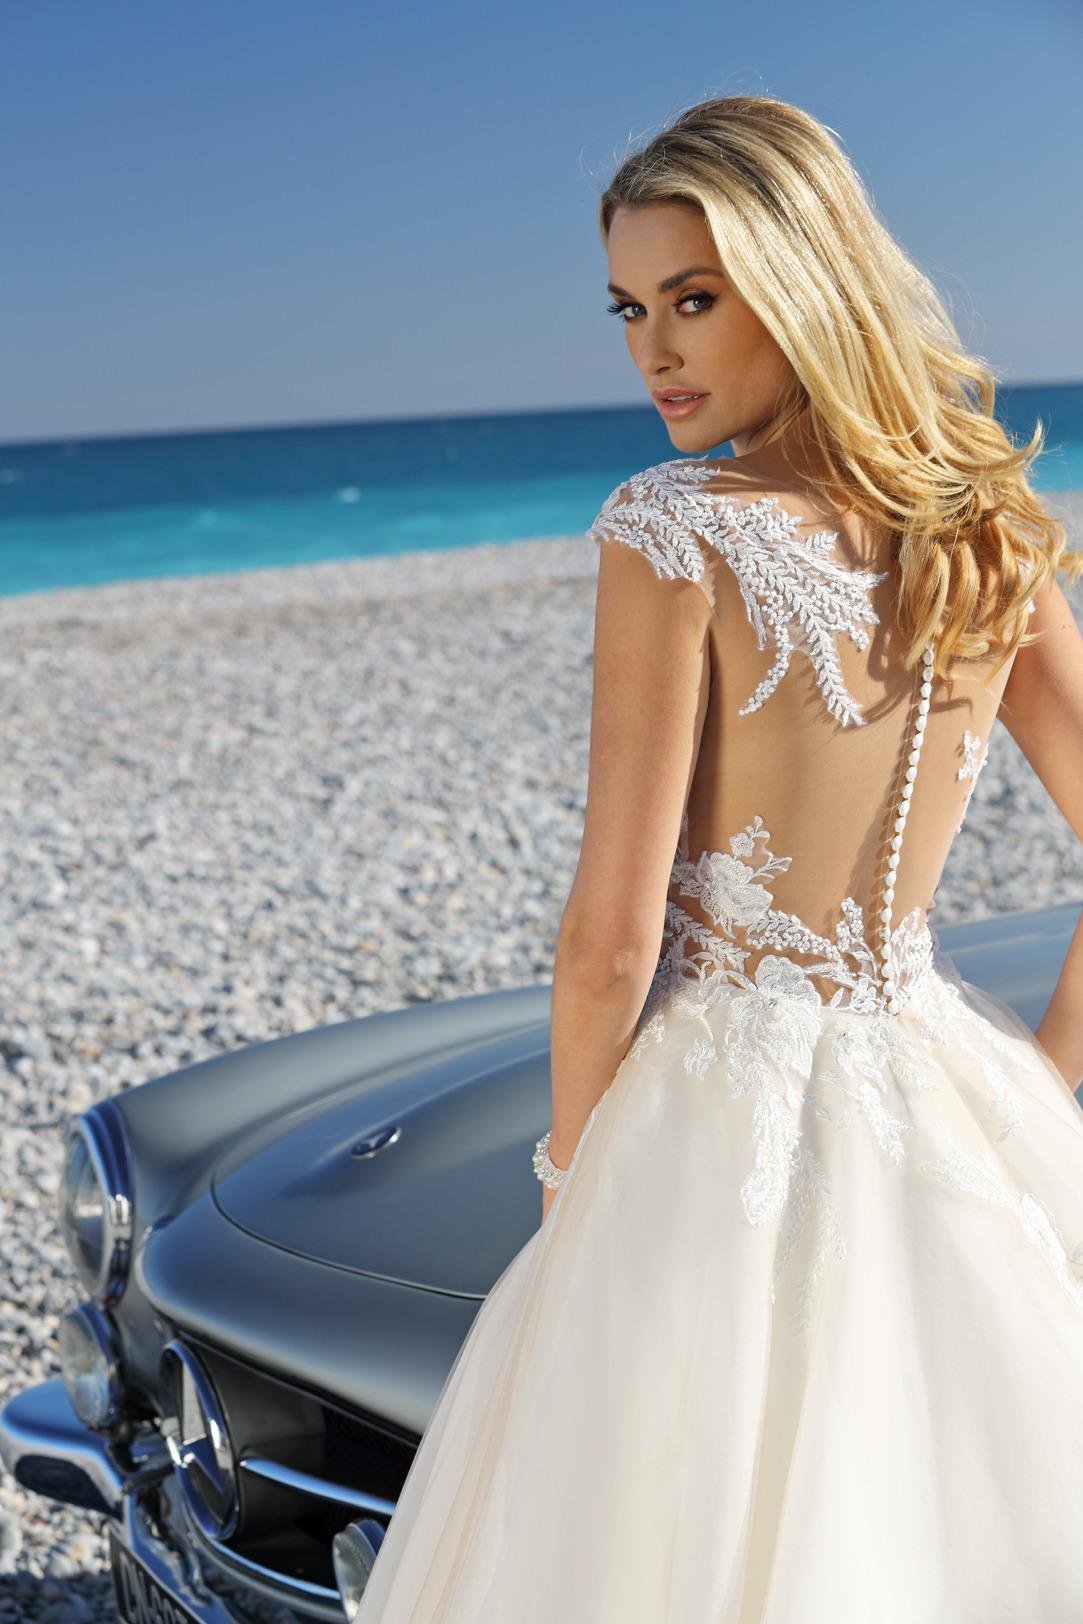 Brautkleider Hochzeitskleider Ladybird aufwendiger Prinzessinnenstil Stil Style Form Applikationen aus Spitze Strass Glitzer lange Schleppe weiter Tüll Rock Tatoospitze in 3D Optik am Rücken Knopfleiste Rückansicht